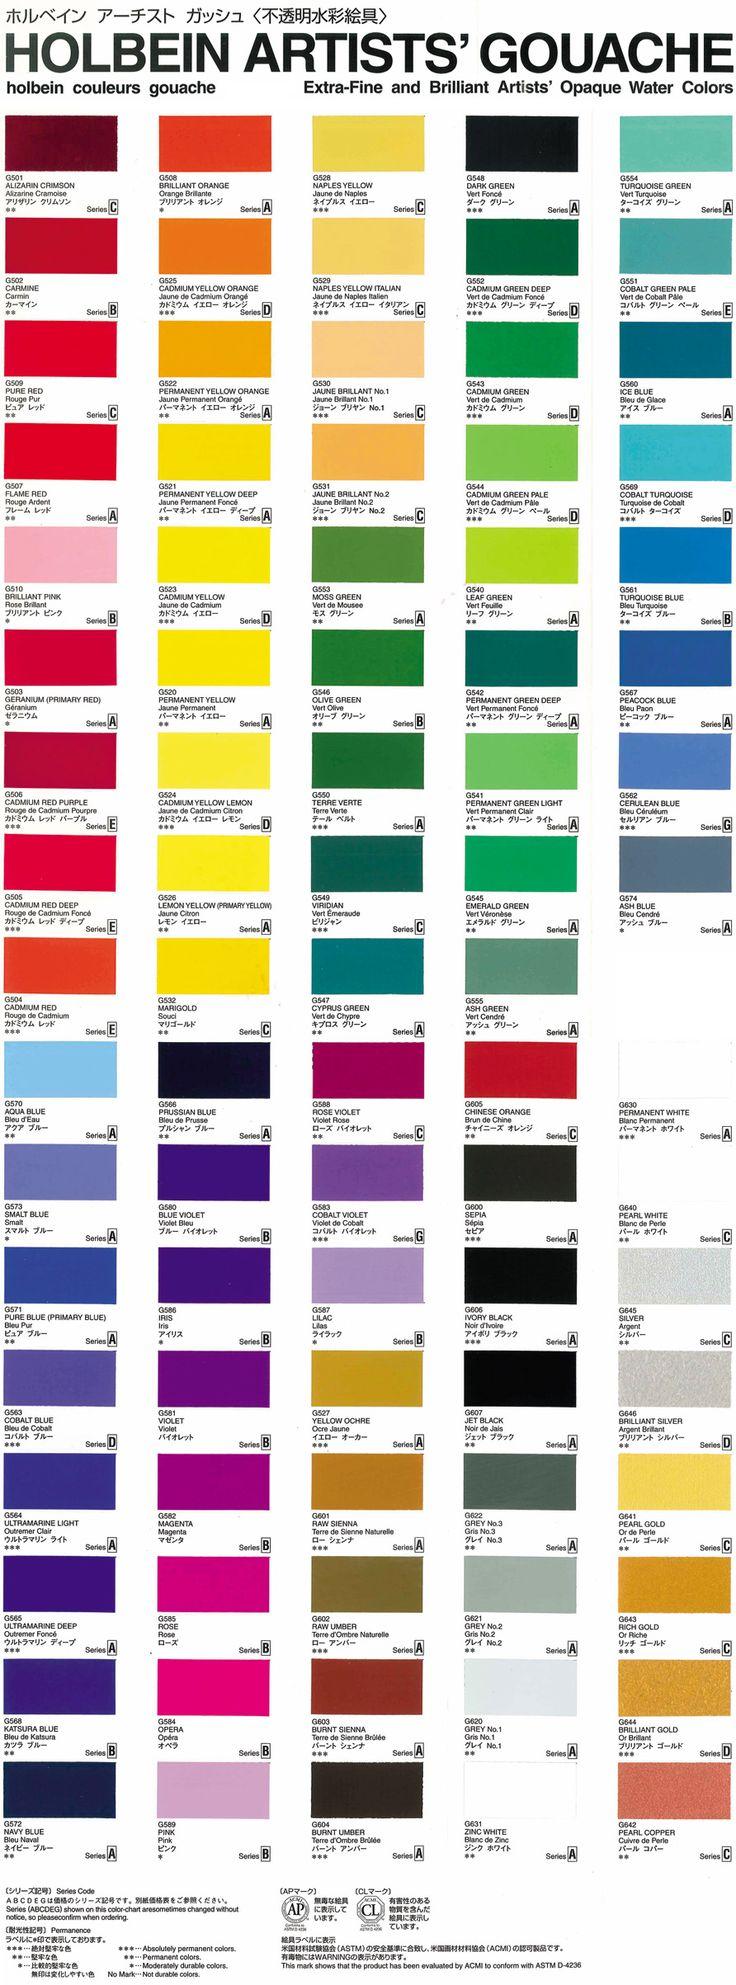 50 best color images on pinterest colour chart color palettes holbein gouache color chart nvjuhfo Images